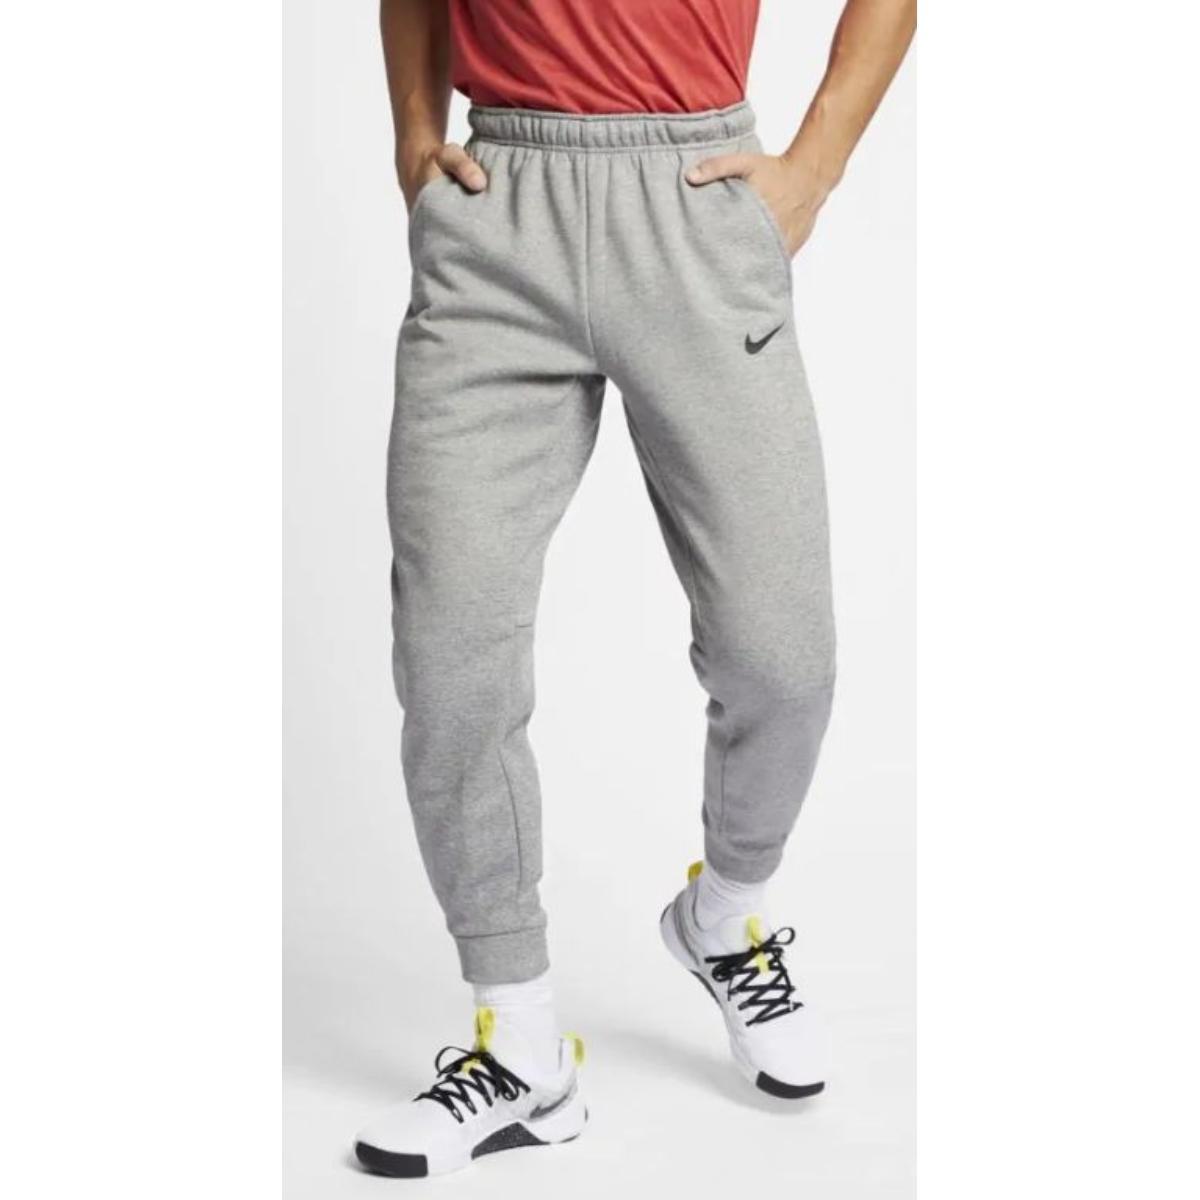 Calça Masculina Nike Bv2762-063 Nsw Club Jggr Mescla